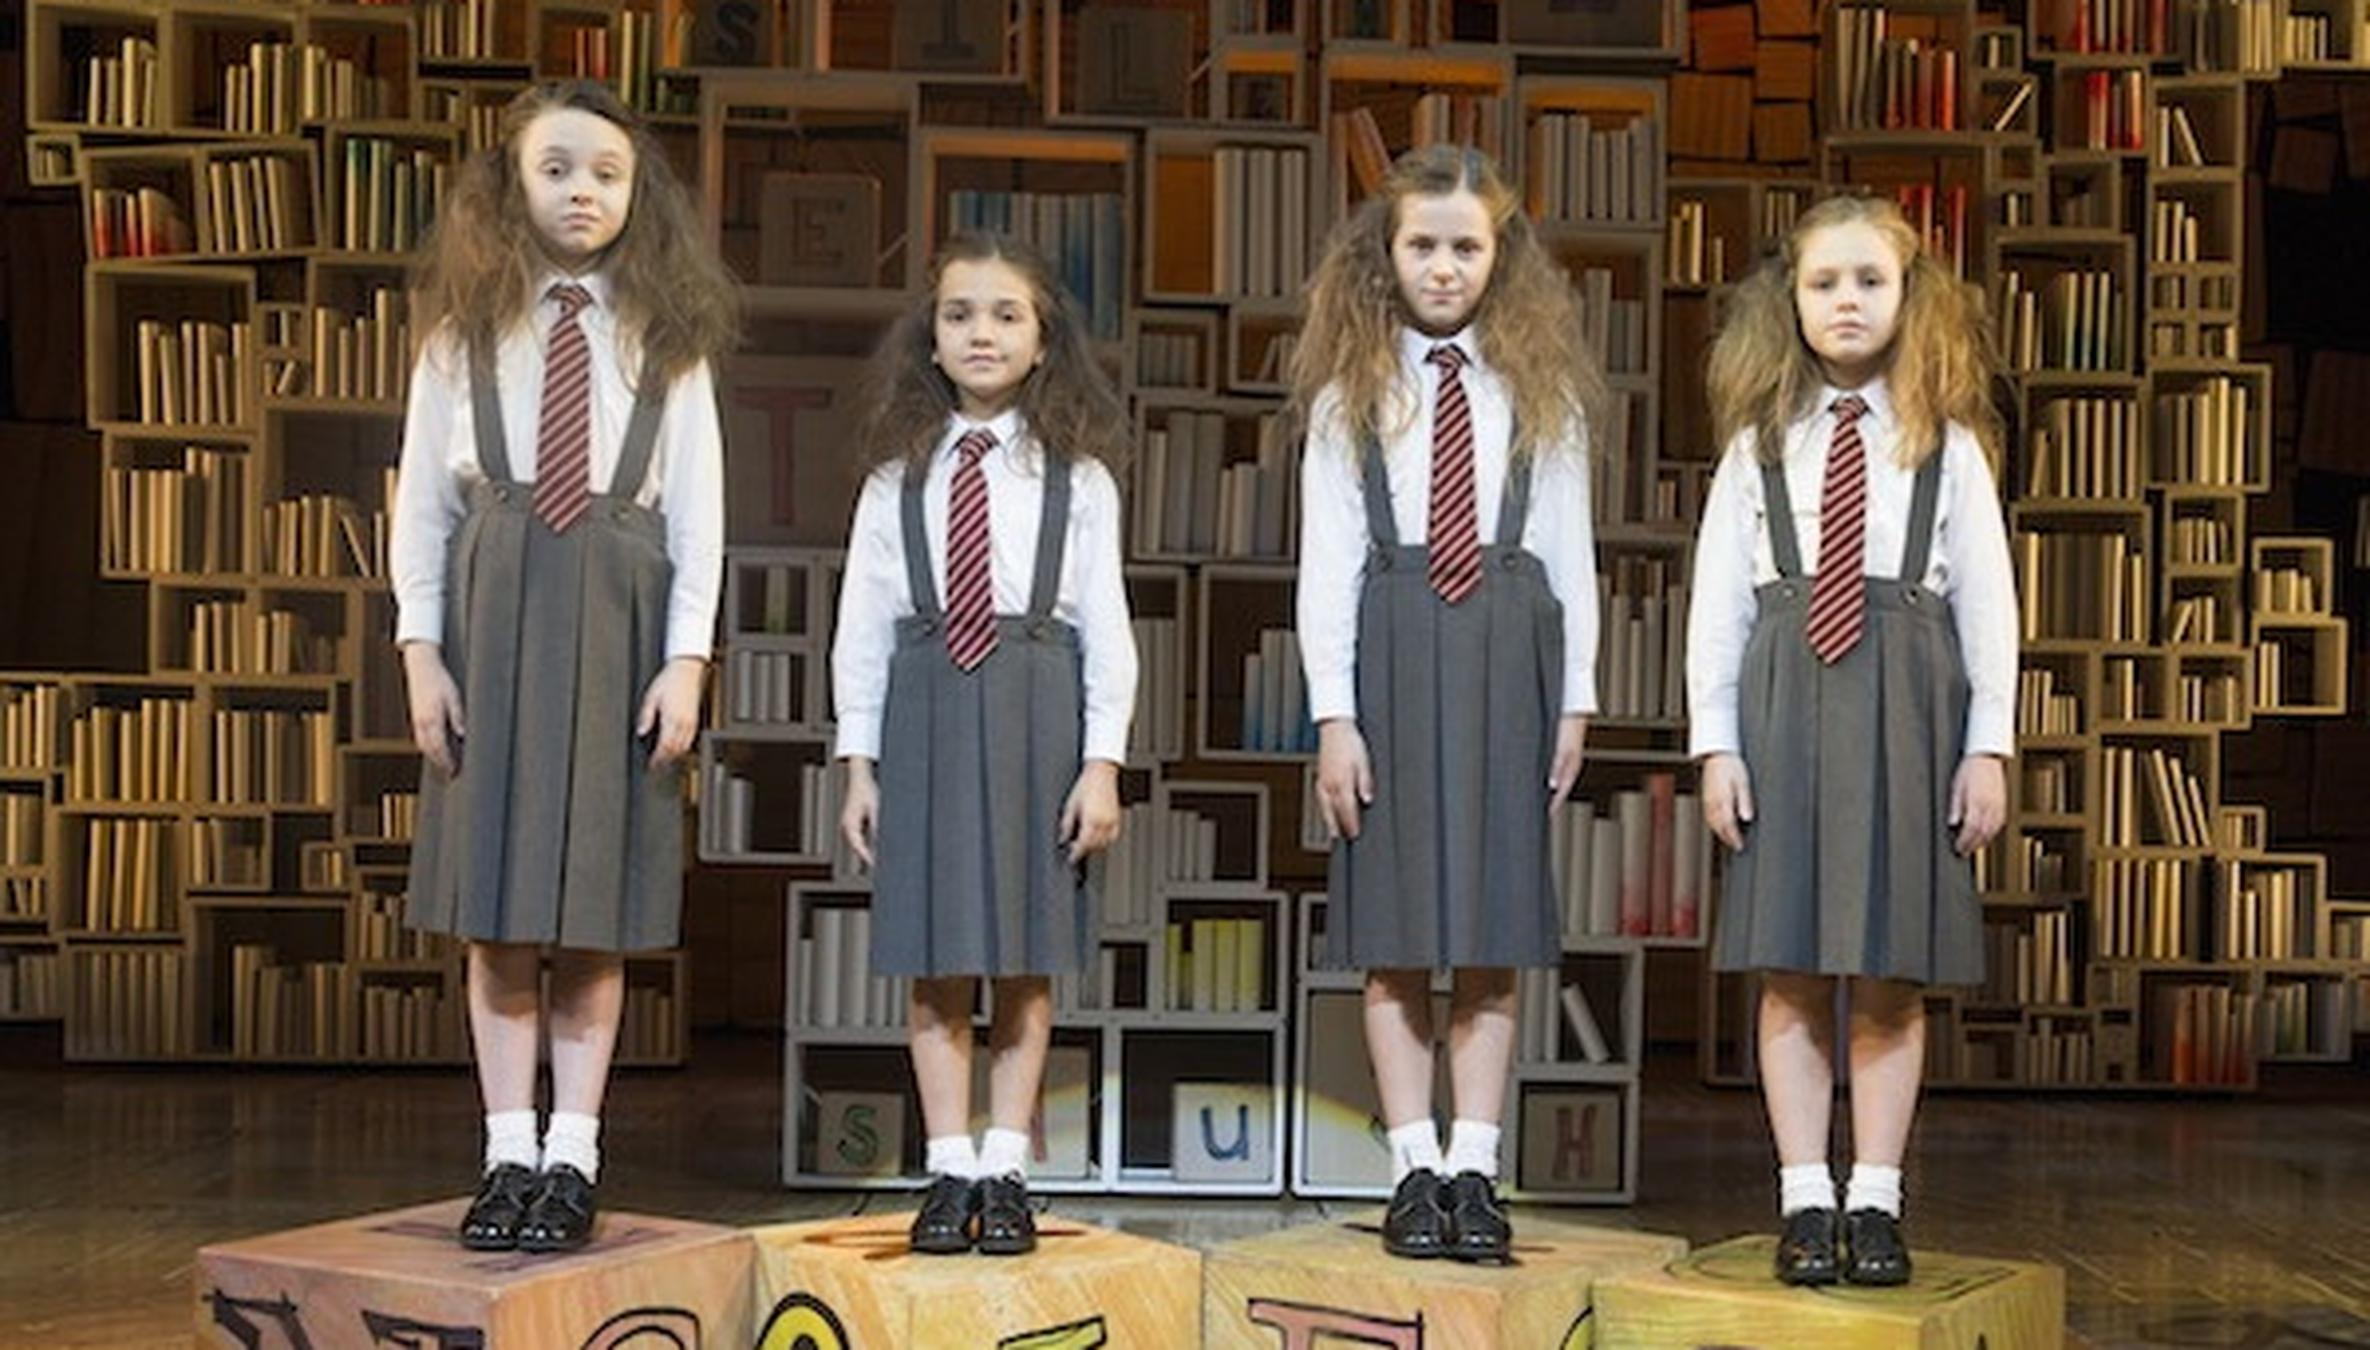 11 Musicals Based on Children's Books